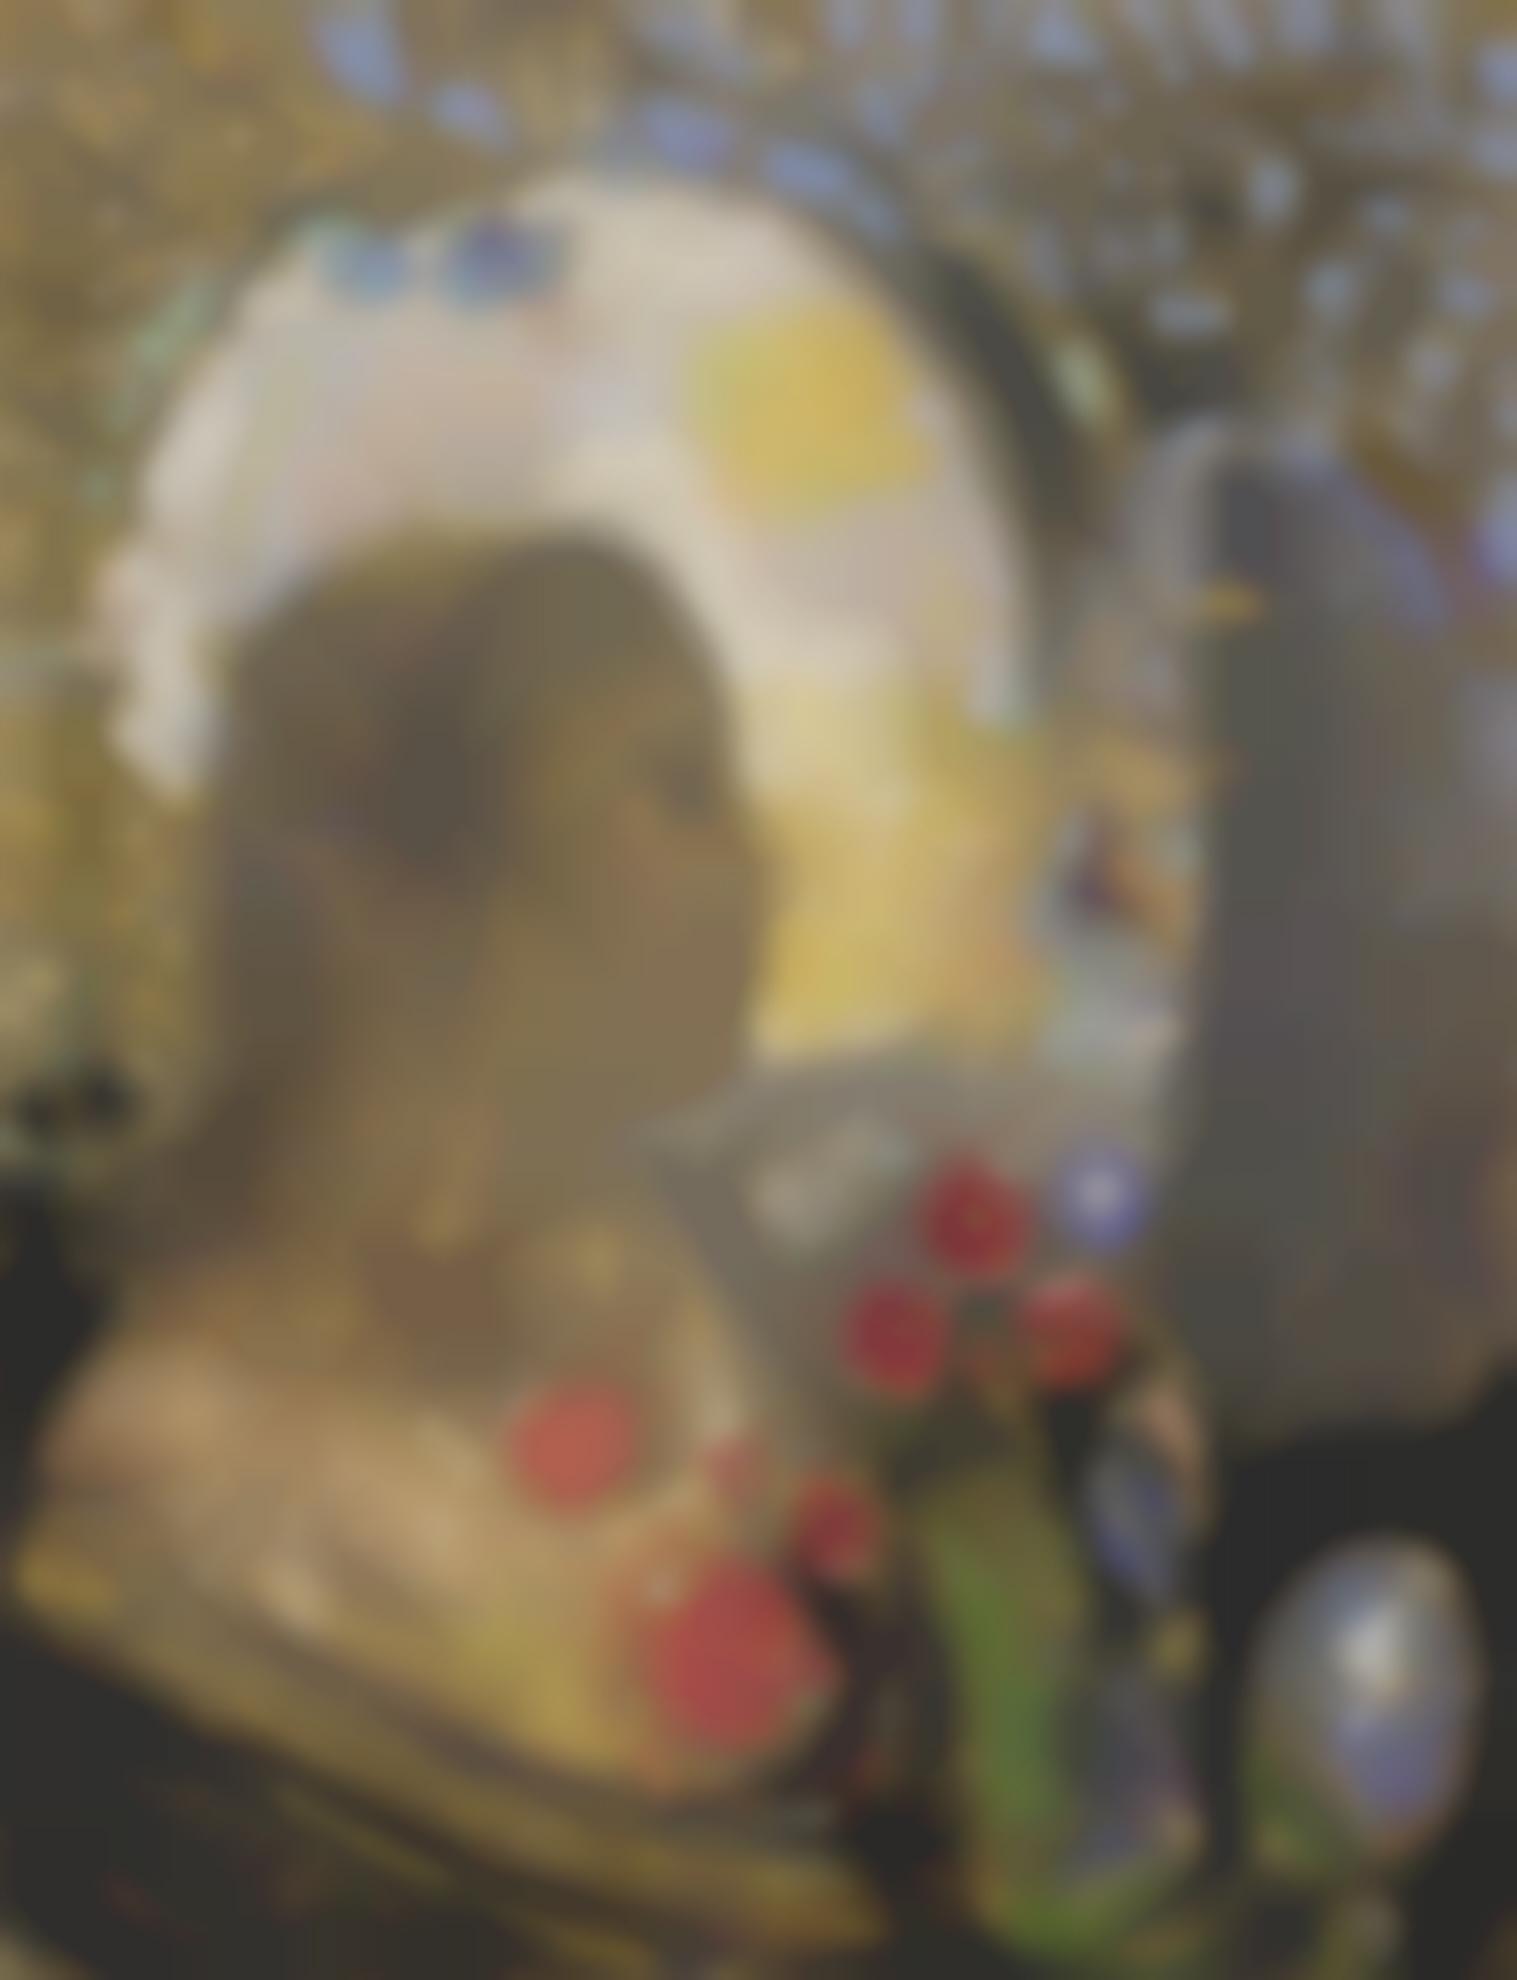 Odilon Redon-Fecondite: Femme Dans Les Fleurs-